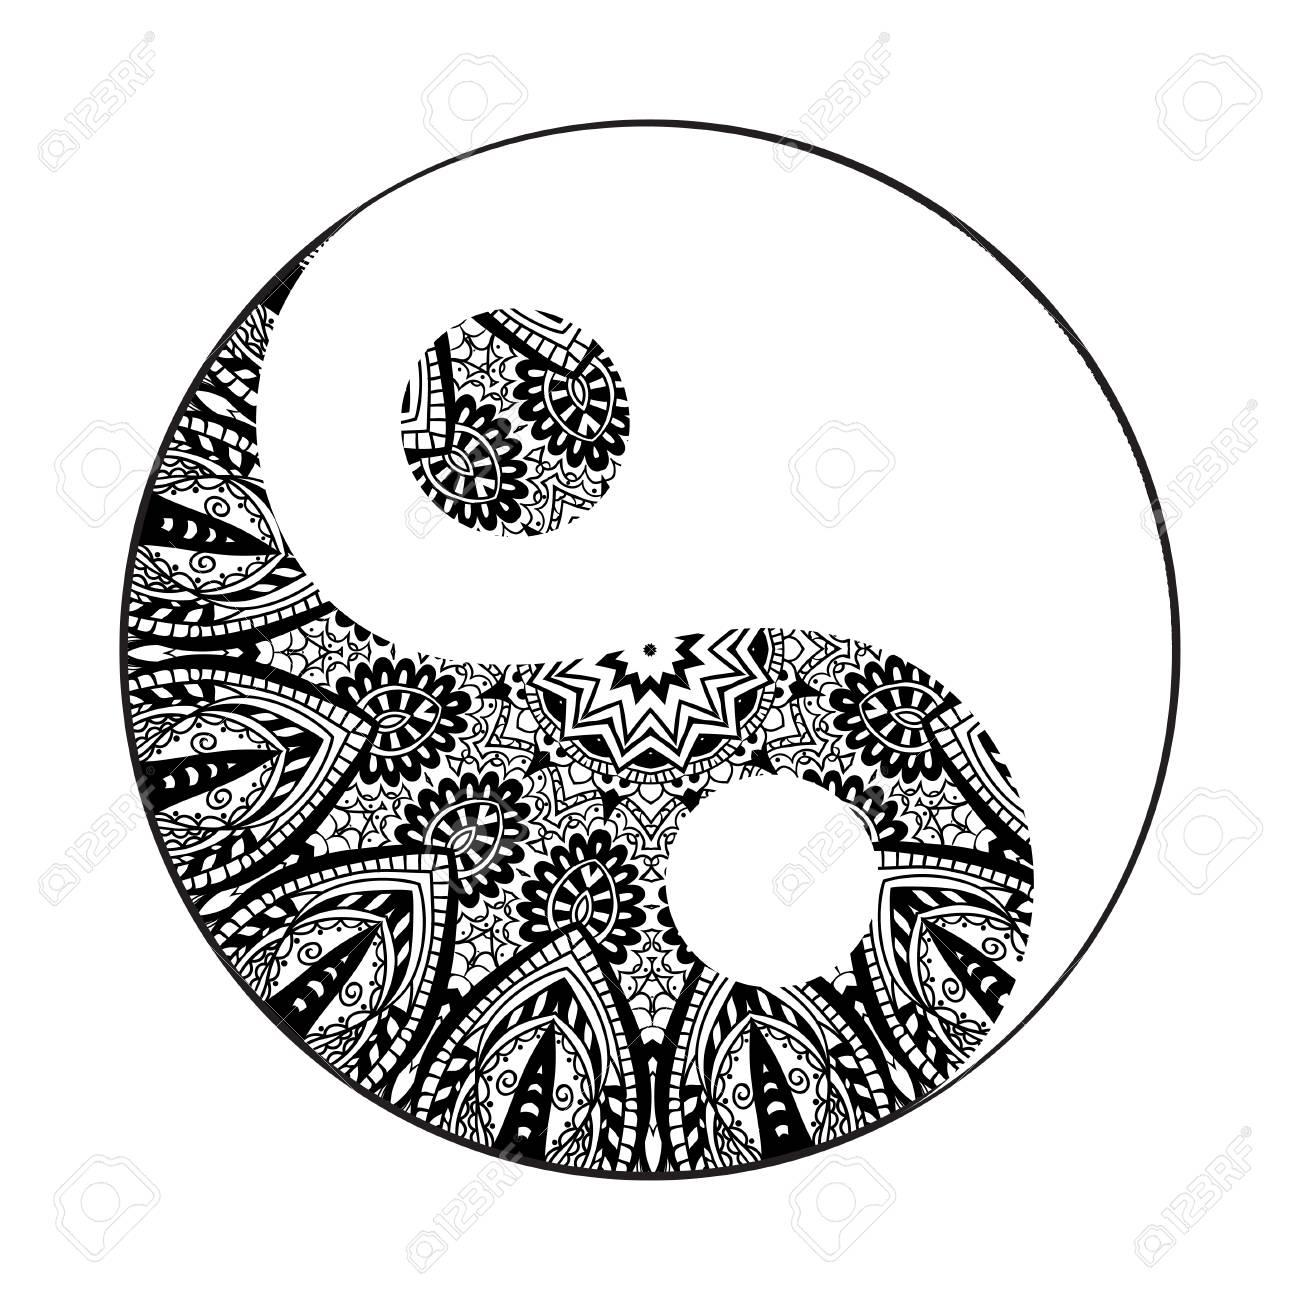 ornament card with mandala yin yang geometric circle element rh 123rf com Mandala Designs Flower Yin Yang Mandala